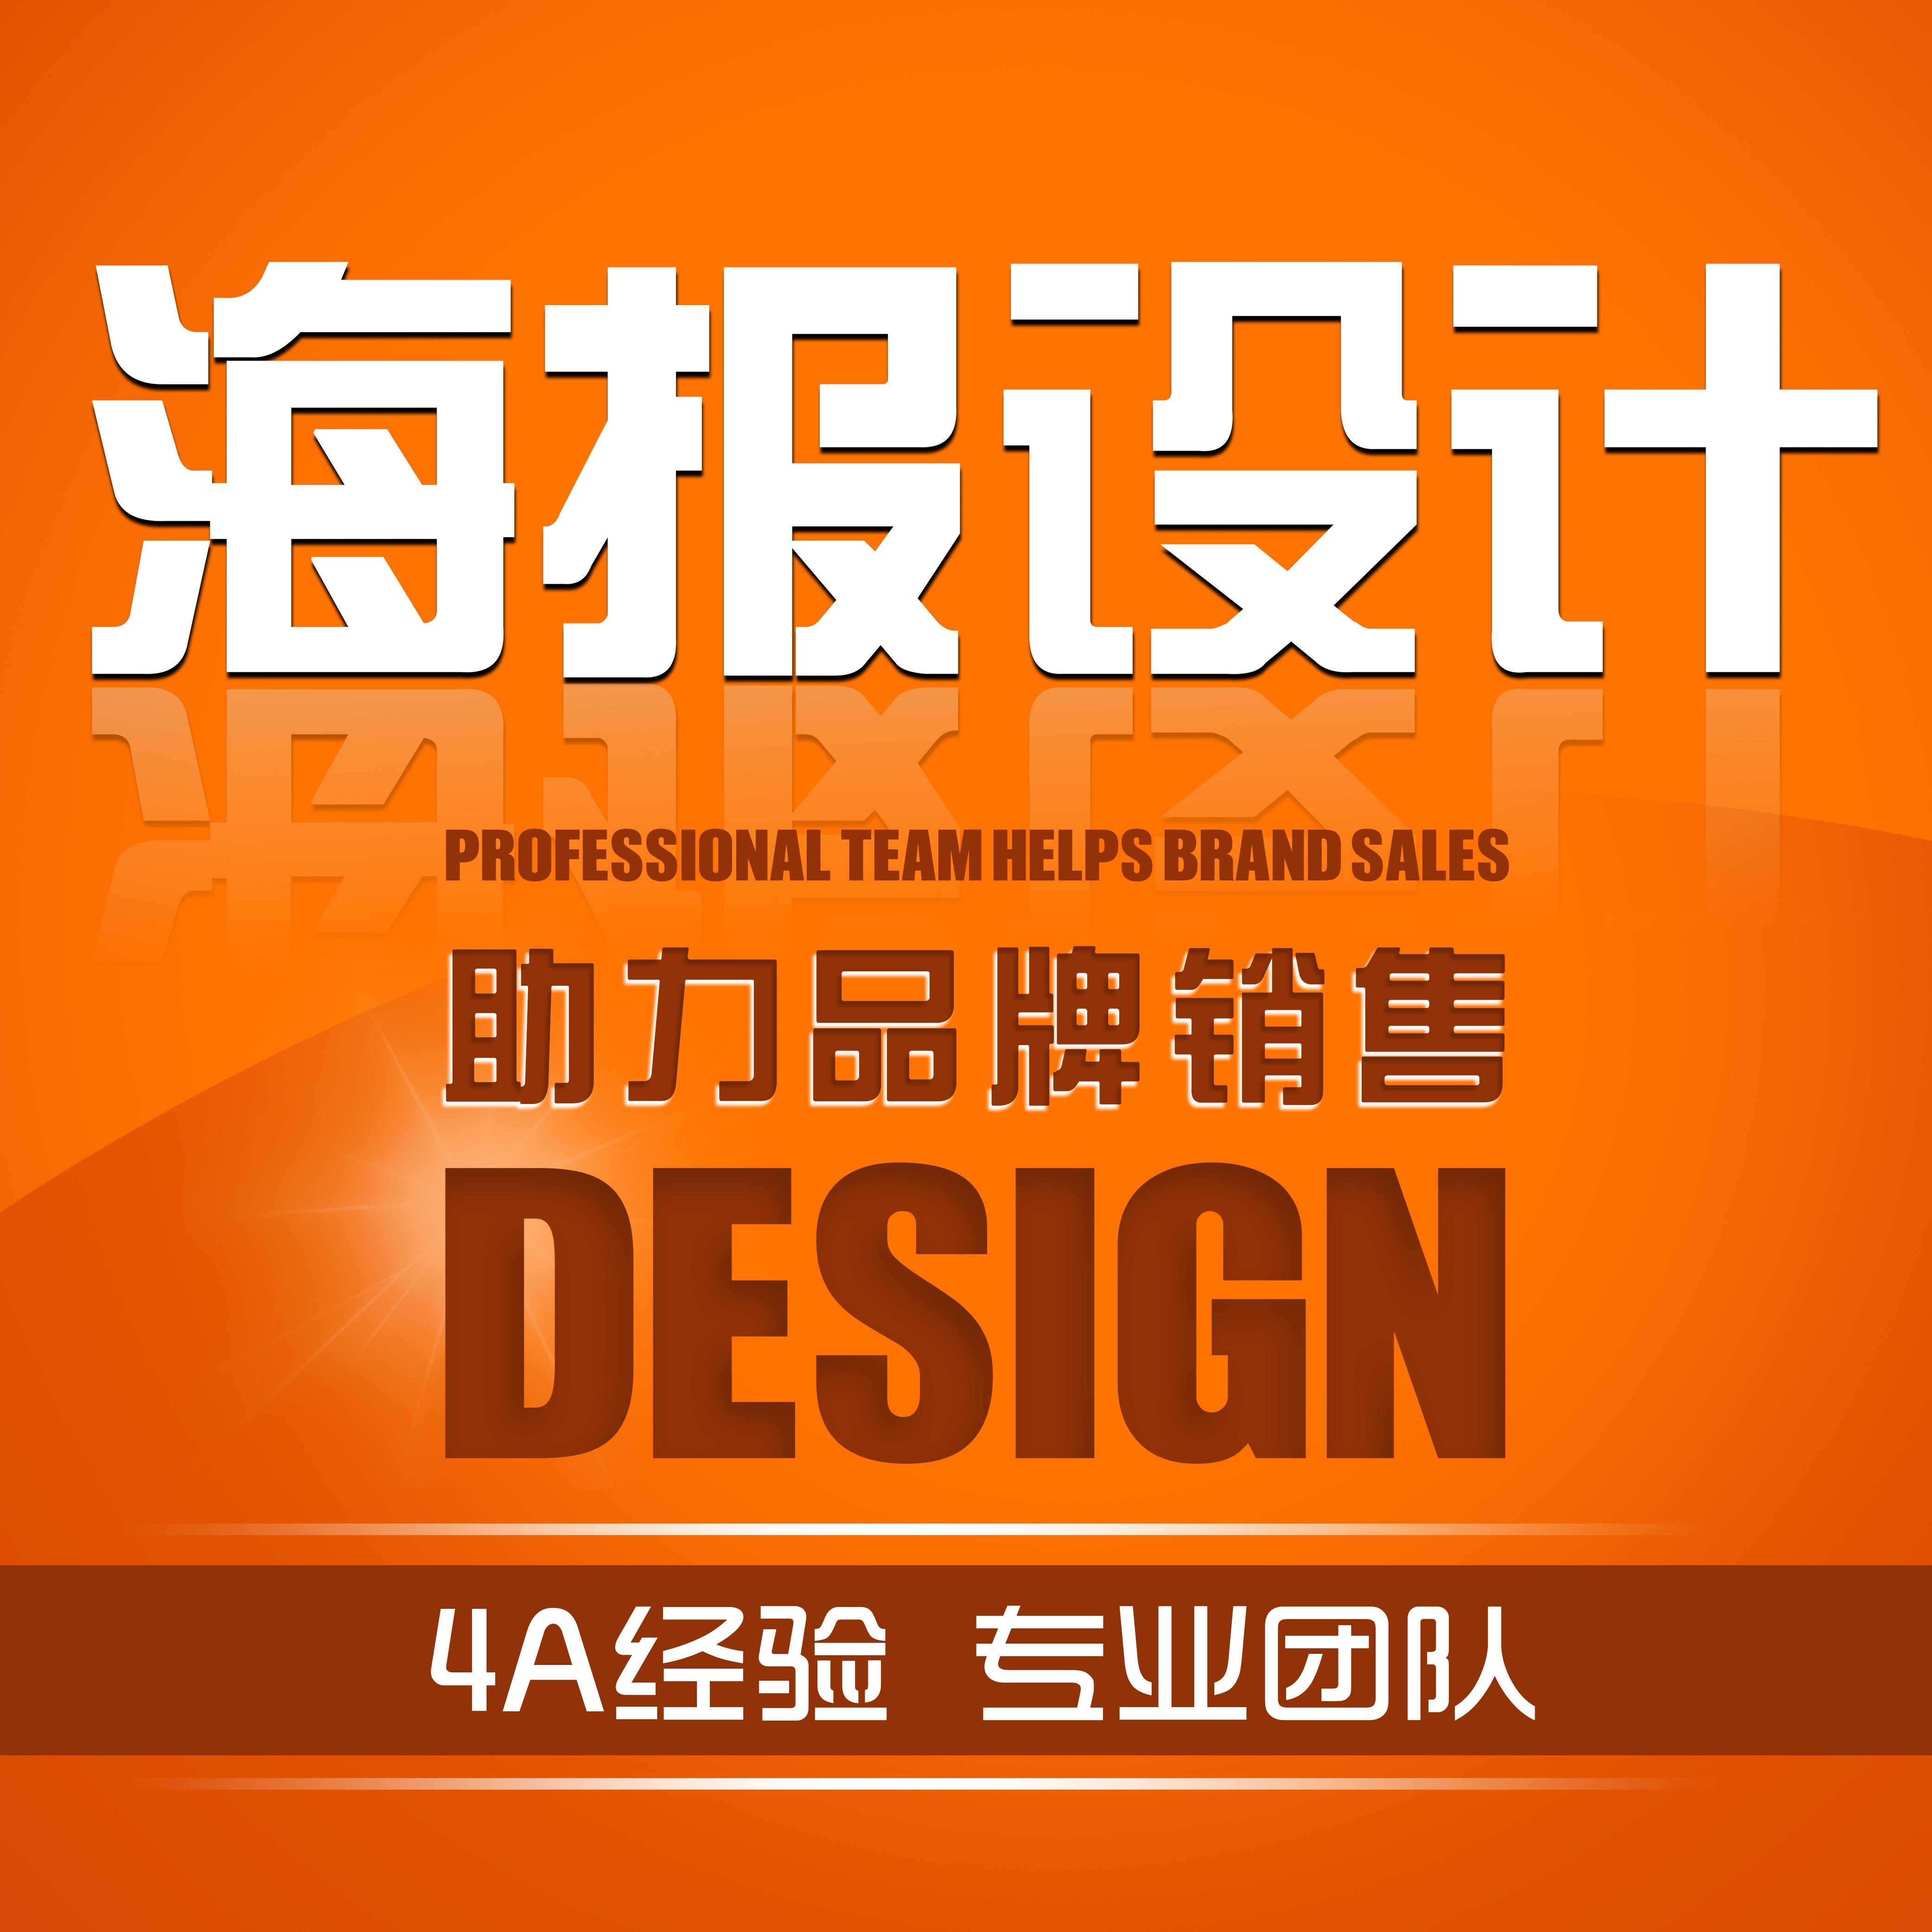 原创海报设计广告设计宣传品设计展架DM单设计商标插画设计